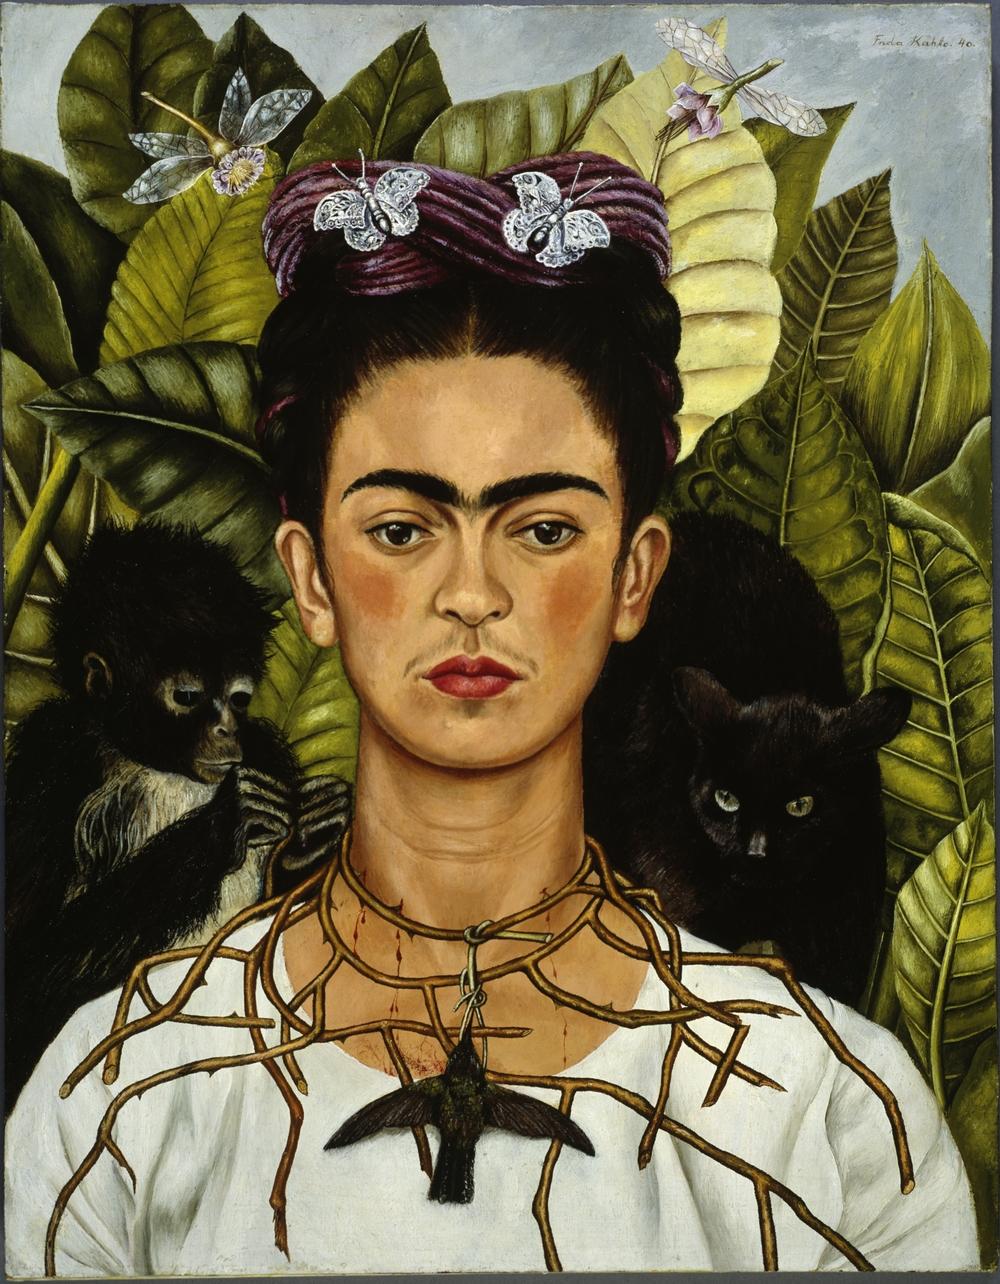 01 - Frida Kahlo - Autoritratto con collana di spine.jpg